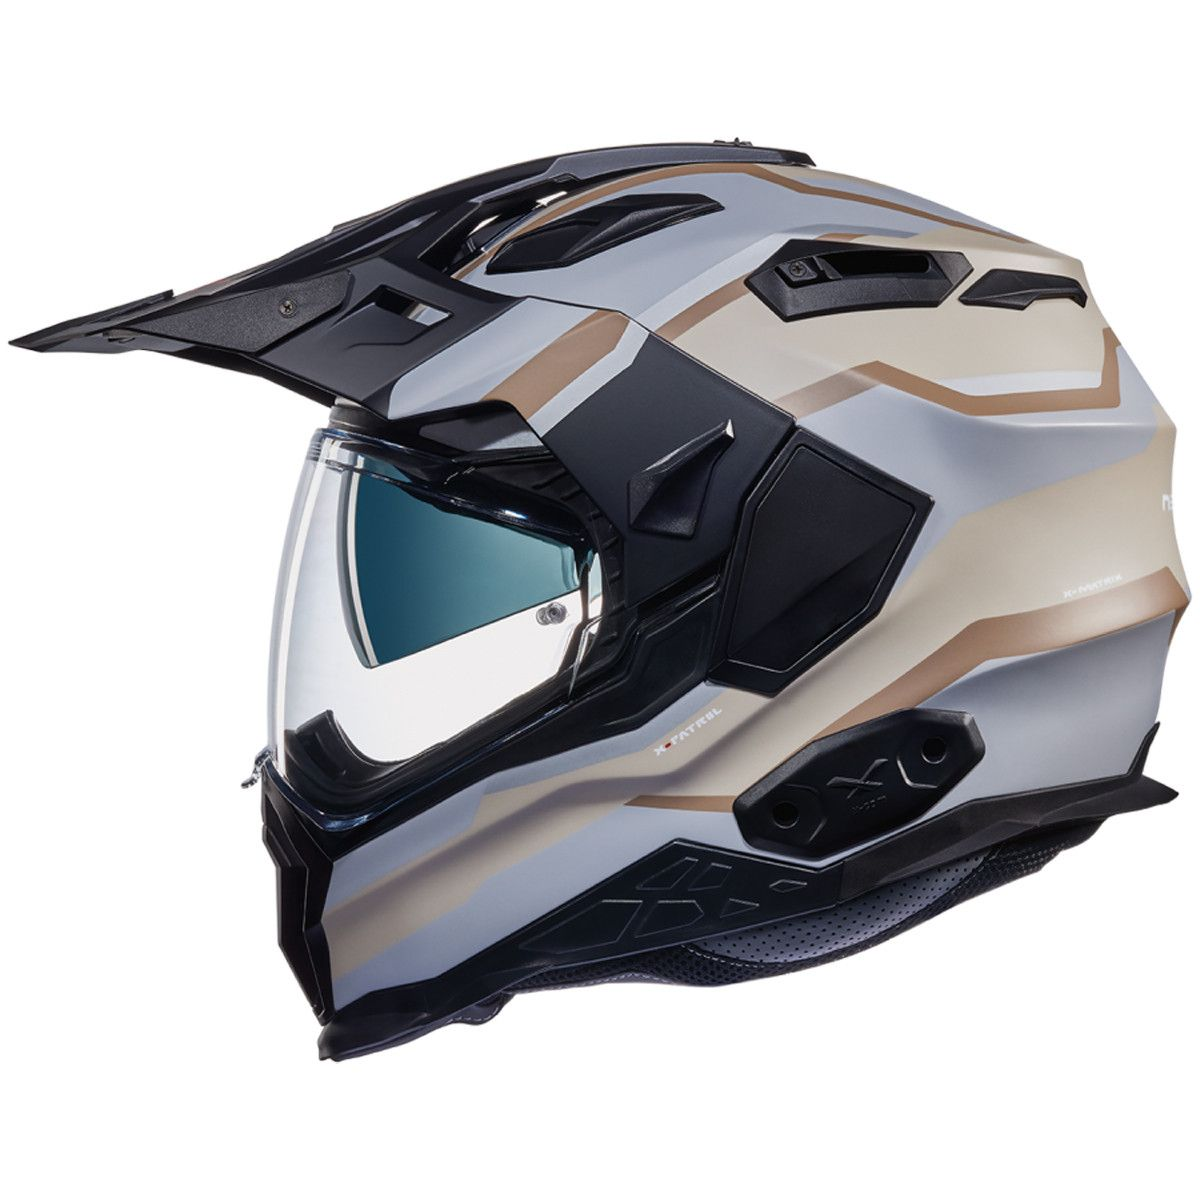 Nexx X.WED 2 XPatrol Helmet in Stone/Matt Grey The all